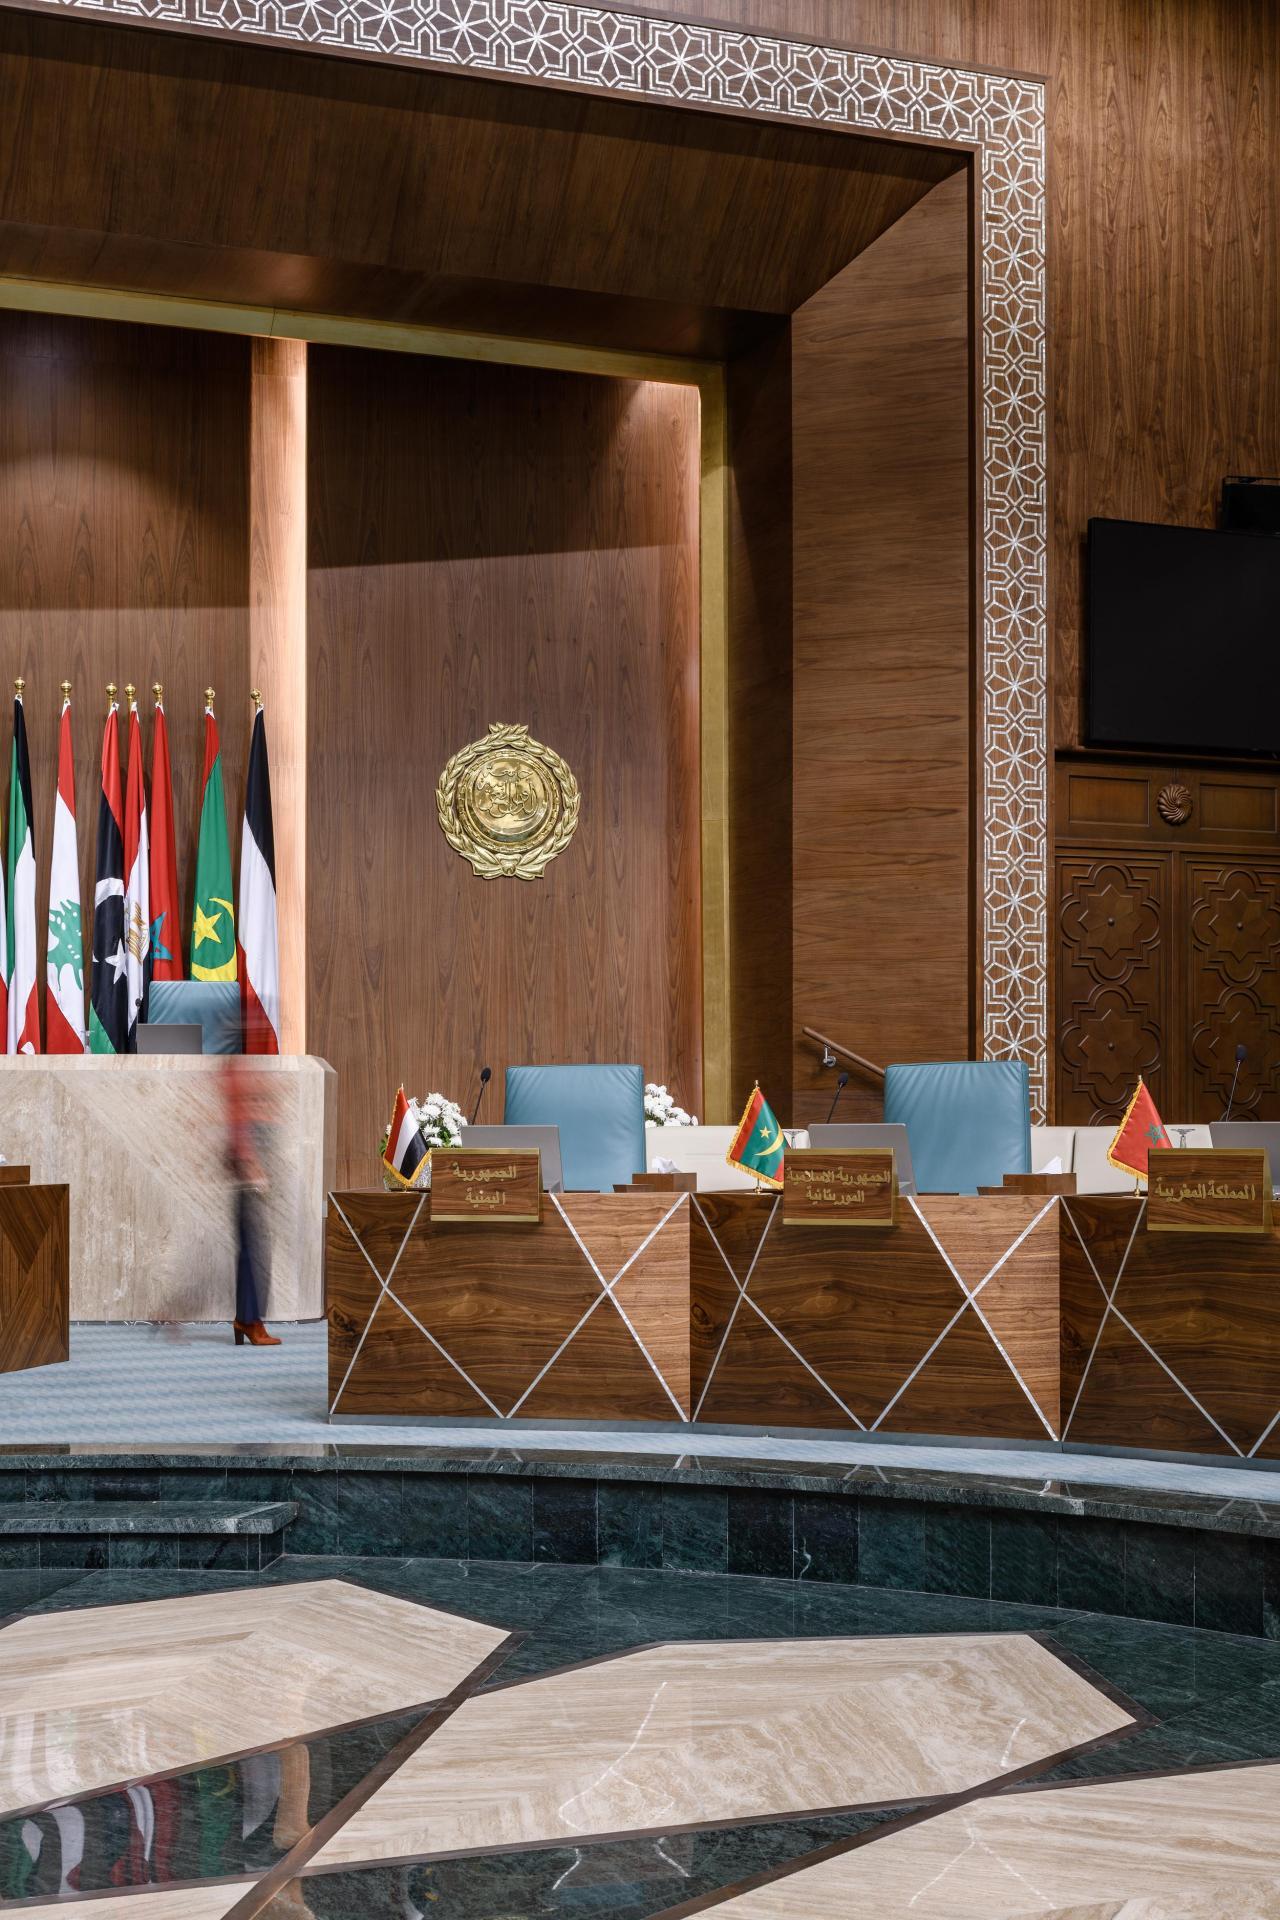 Nada-Debs_Arab_League_designalive-24